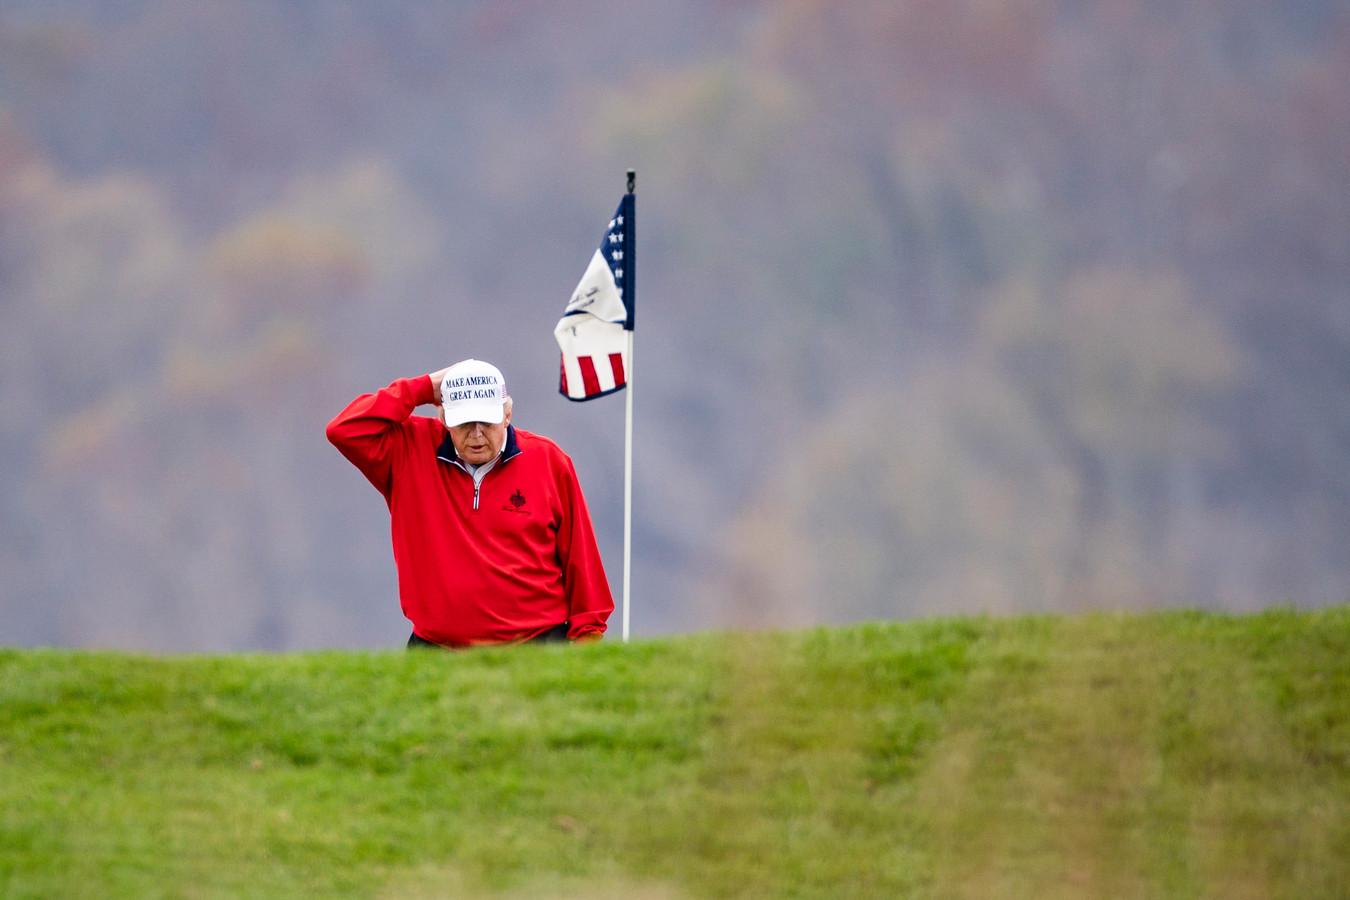 President Trump ging zaterdag golfen op zijn National Golf Club in Sterling in de staat Virginia. Amerikaanse media becijferden dat dat voor de 143ste keer was sinds zijn aantreden als president.